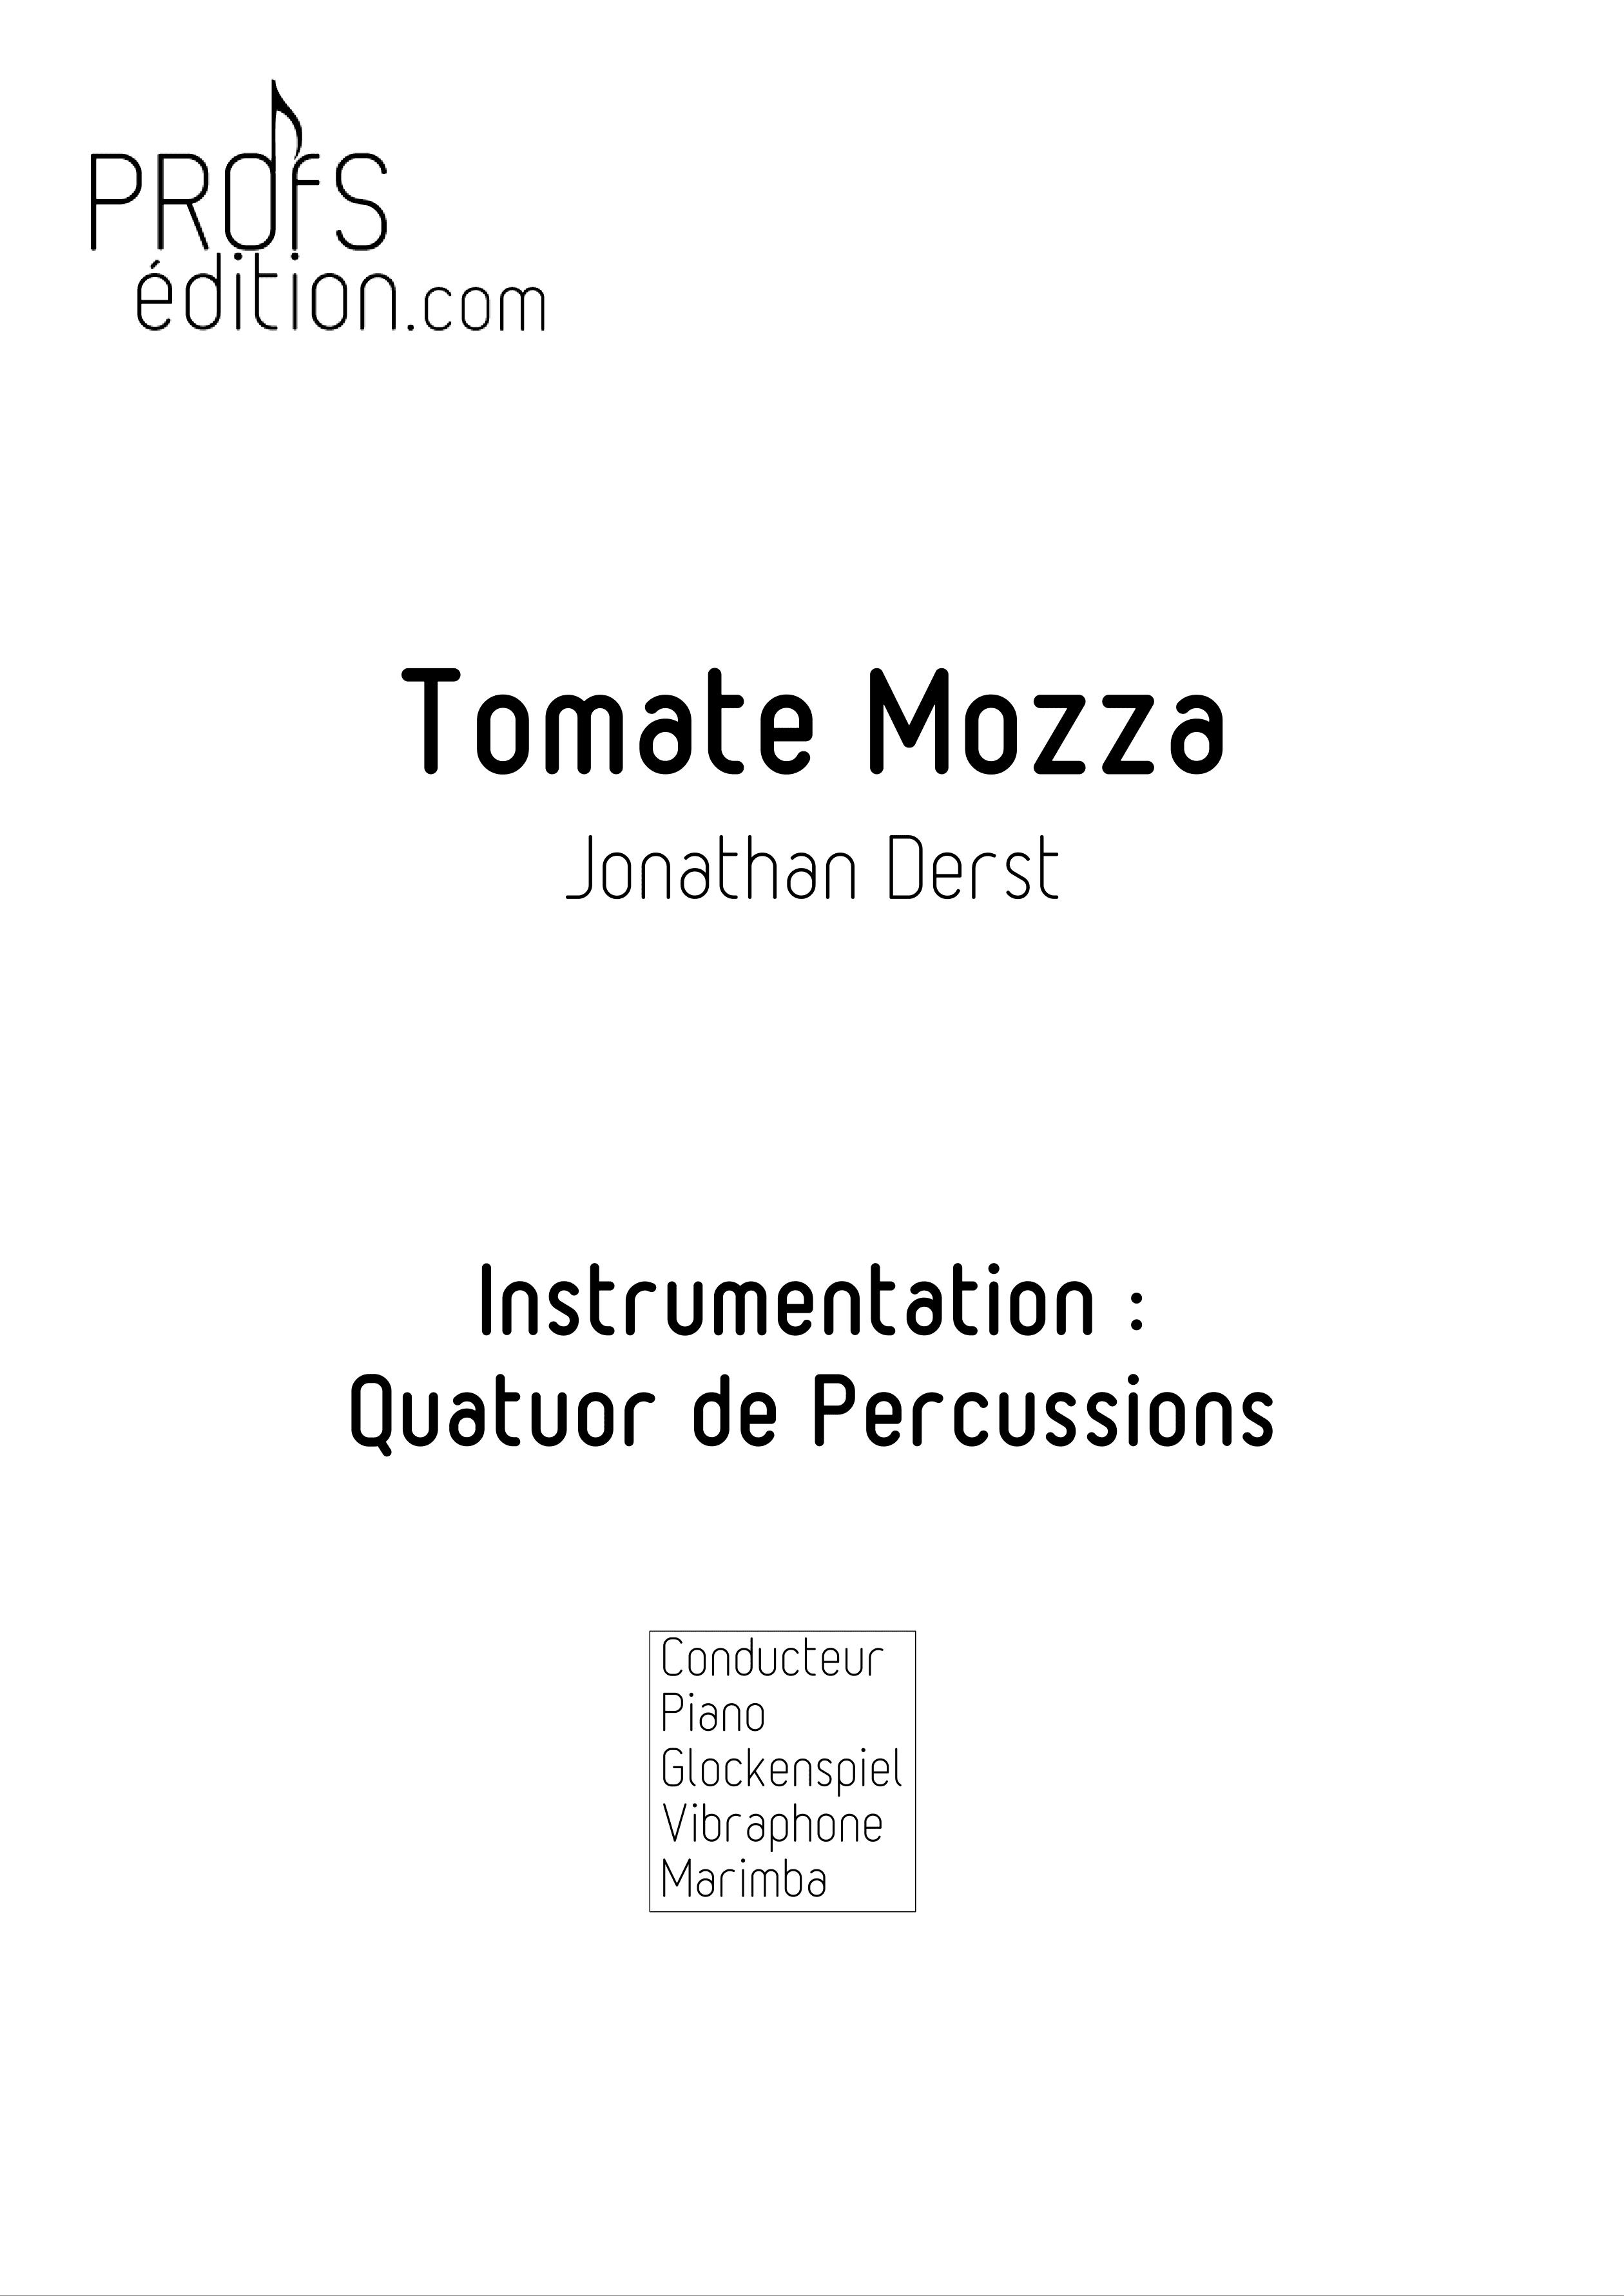 Tomate Mozza - Quatuor de Percussions - DERST J. - page de garde